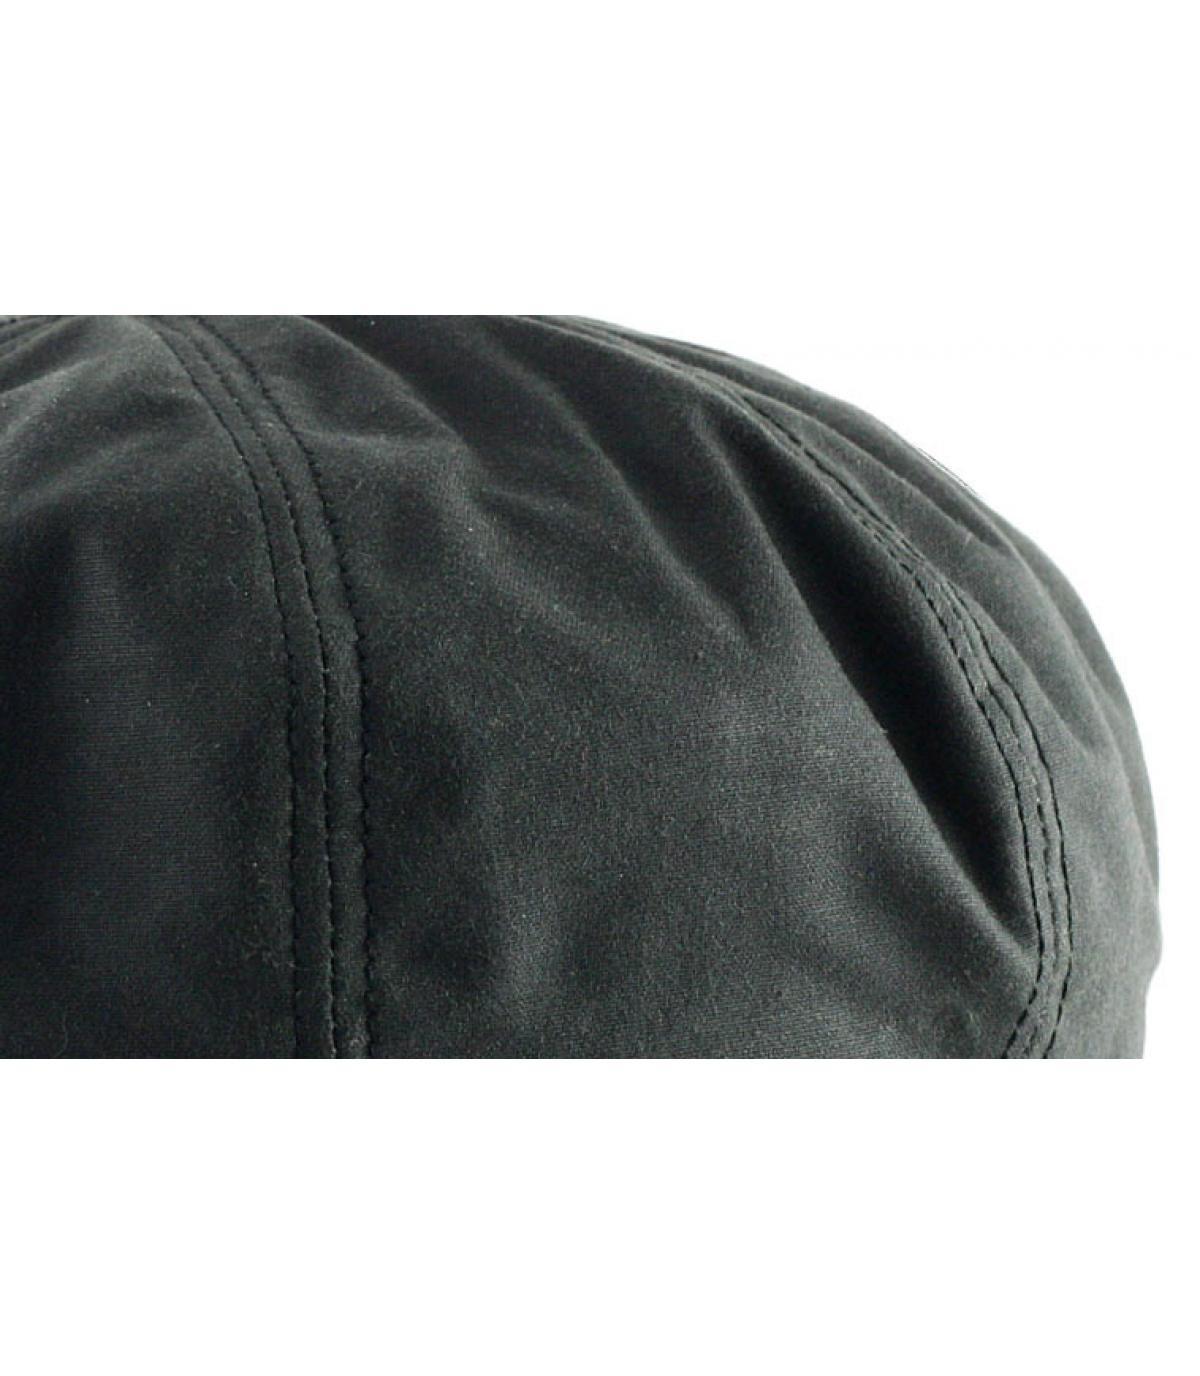 Détails Hatteras noir coton huilé - image 3